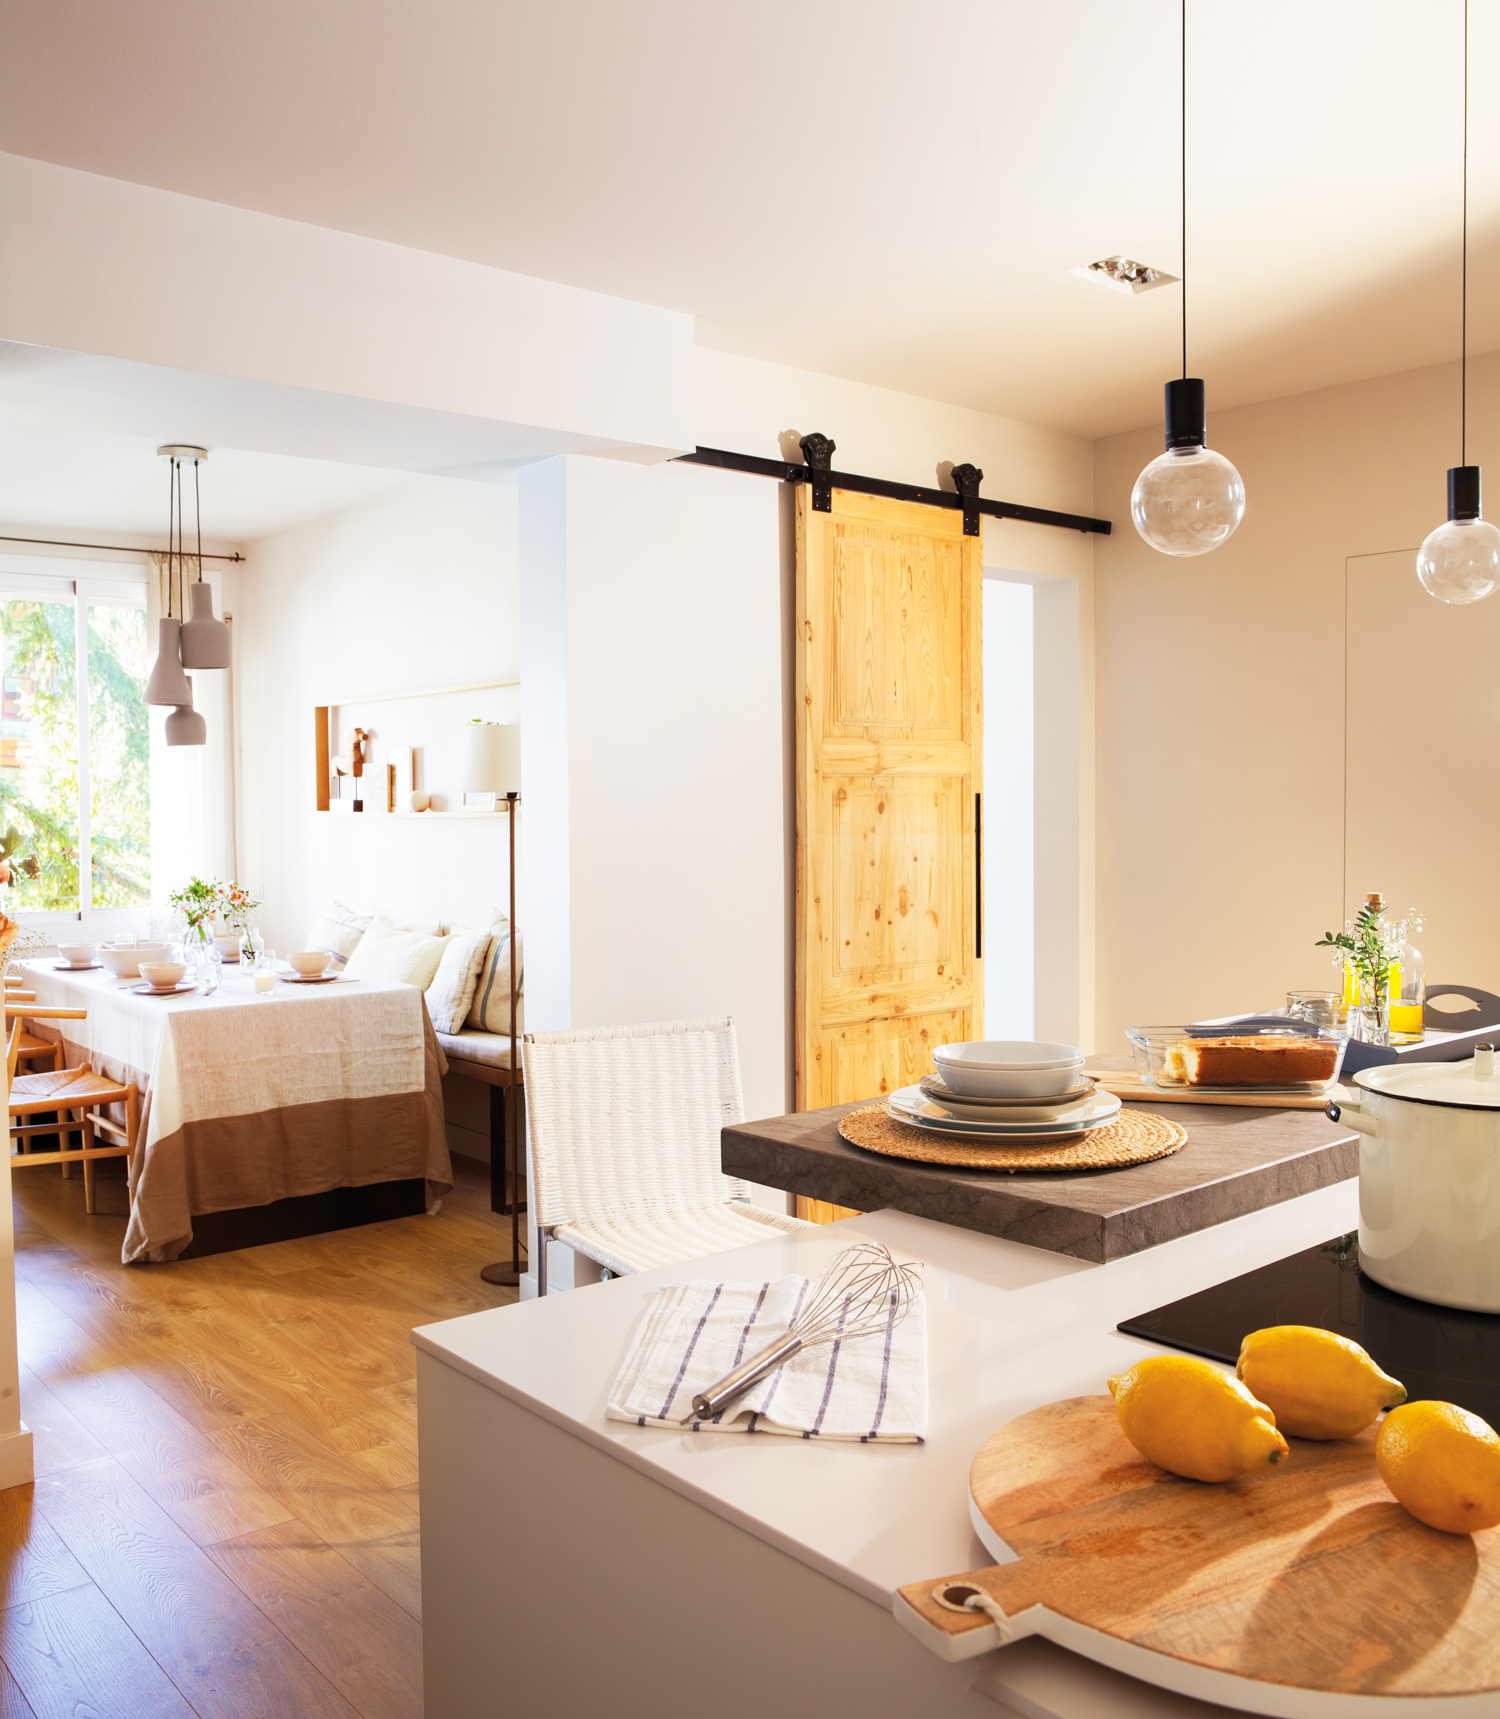 puertas correderas para evitar barreras y ahorrar espacio On modelos de puertas correderas para cocina